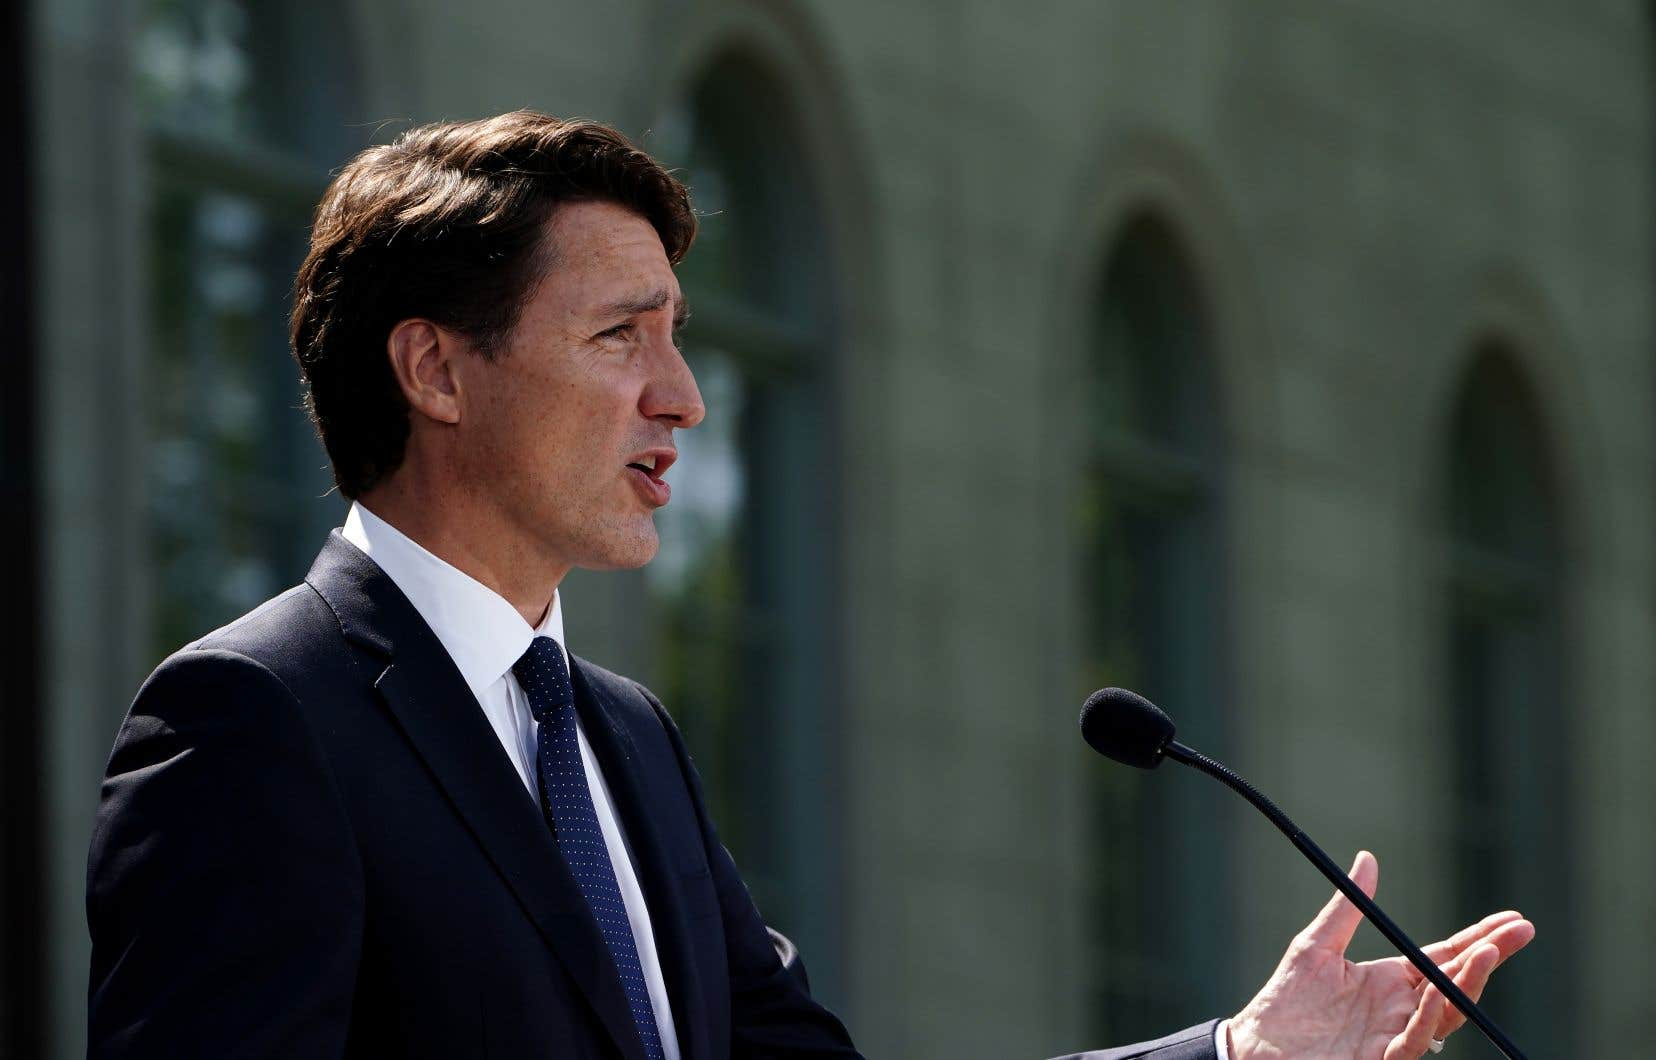 Le premier ministre a évoqué pour une première fois une justification pour lancer une campagne électorale.